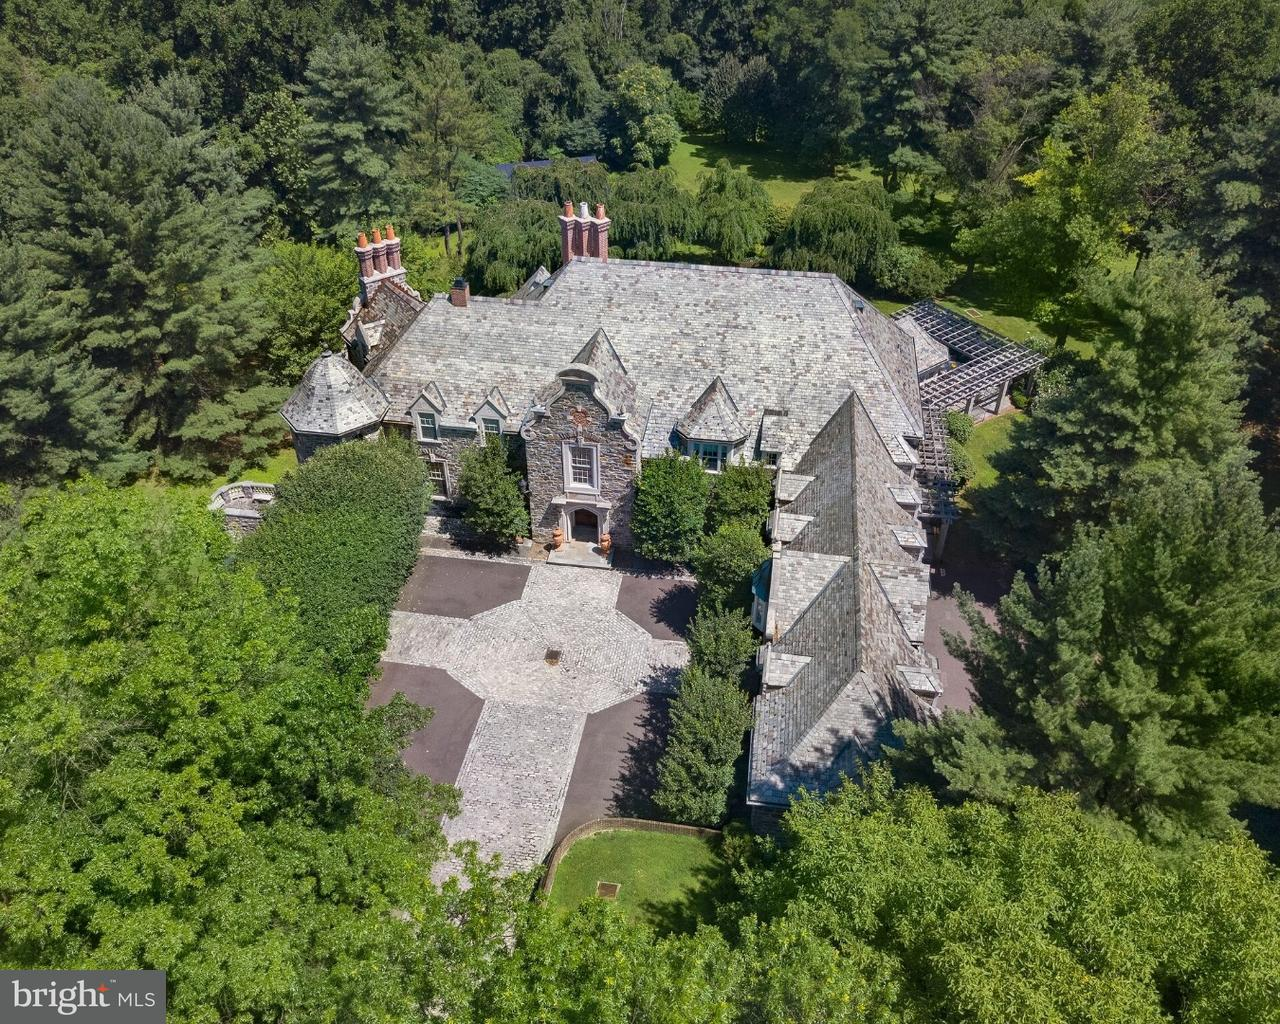 Частный односемейный дом для того Продажа на 1530 MONK Road Gladwyne, Пенсильвания 19035 Соединенные Штаты